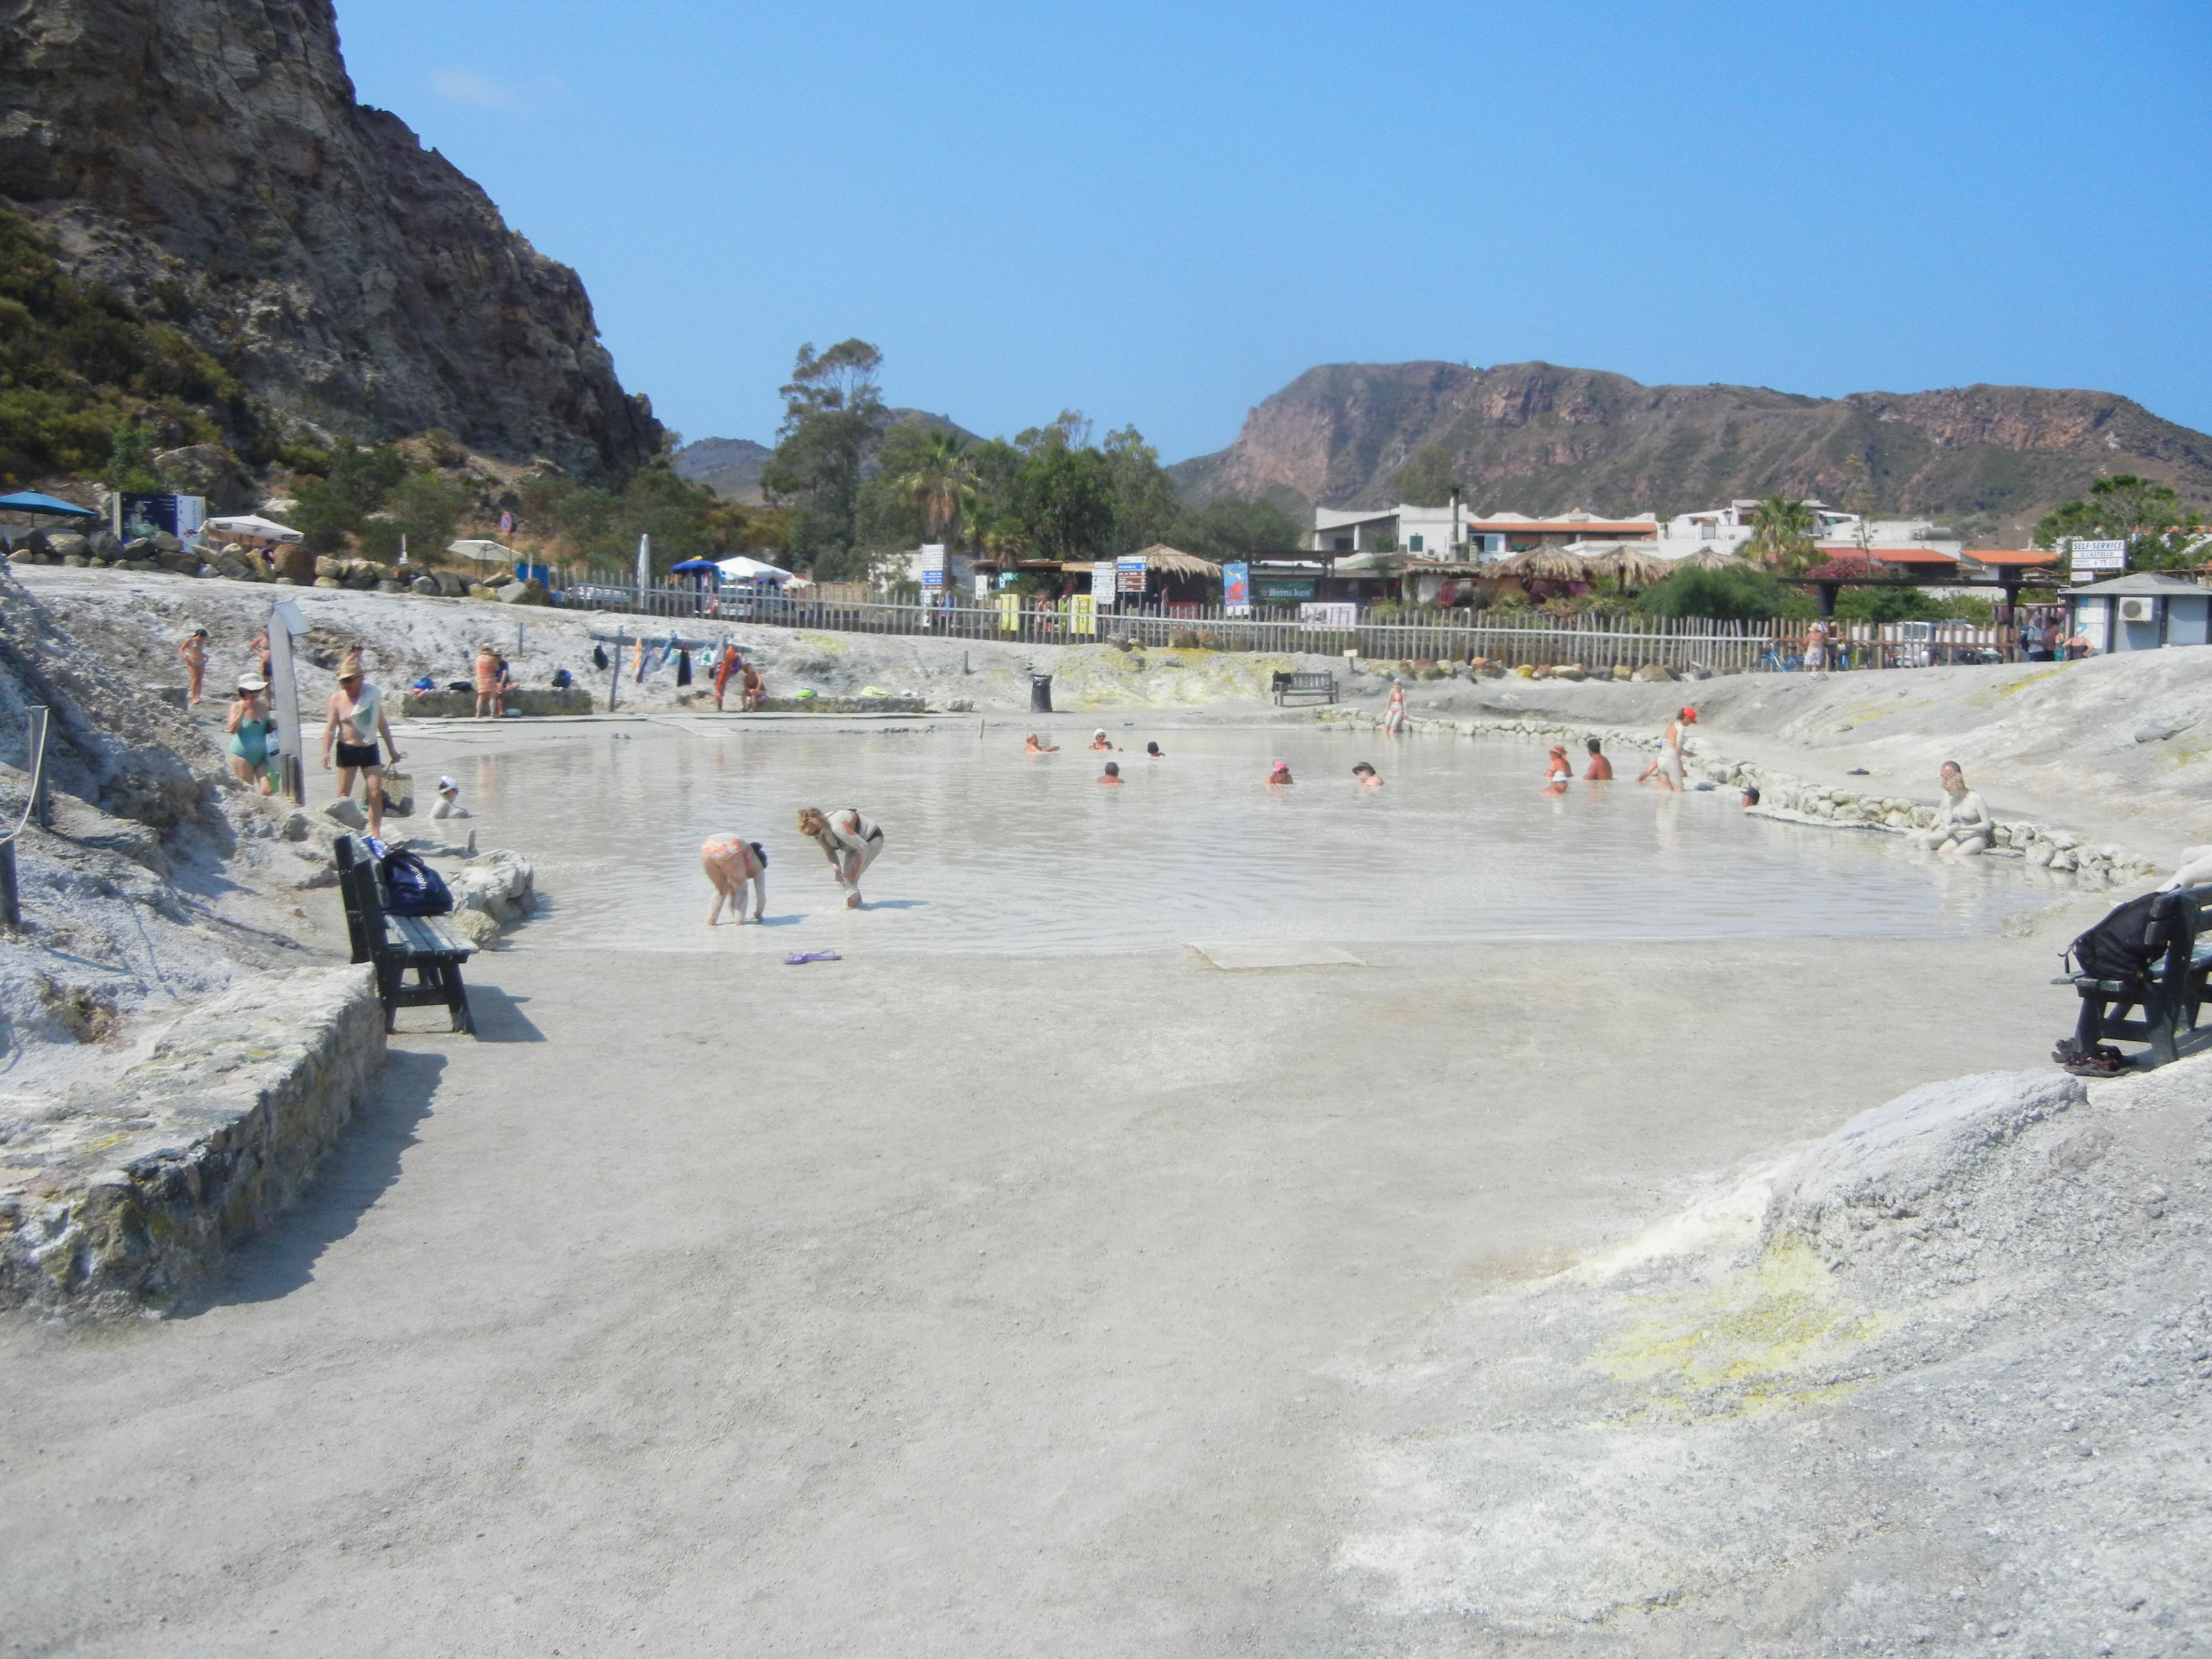 Vacanza da sogno: migliori terme in Sicilia